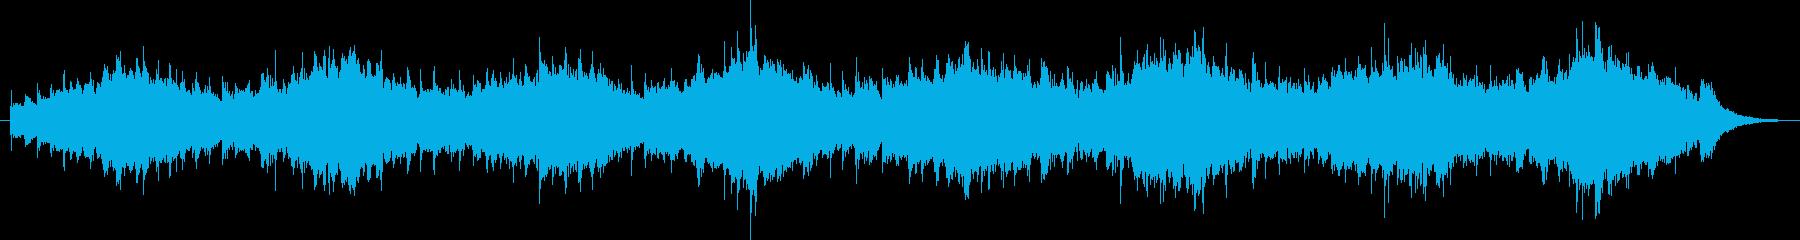 ティーン 代替案 ポップ 現代的 ...の再生済みの波形